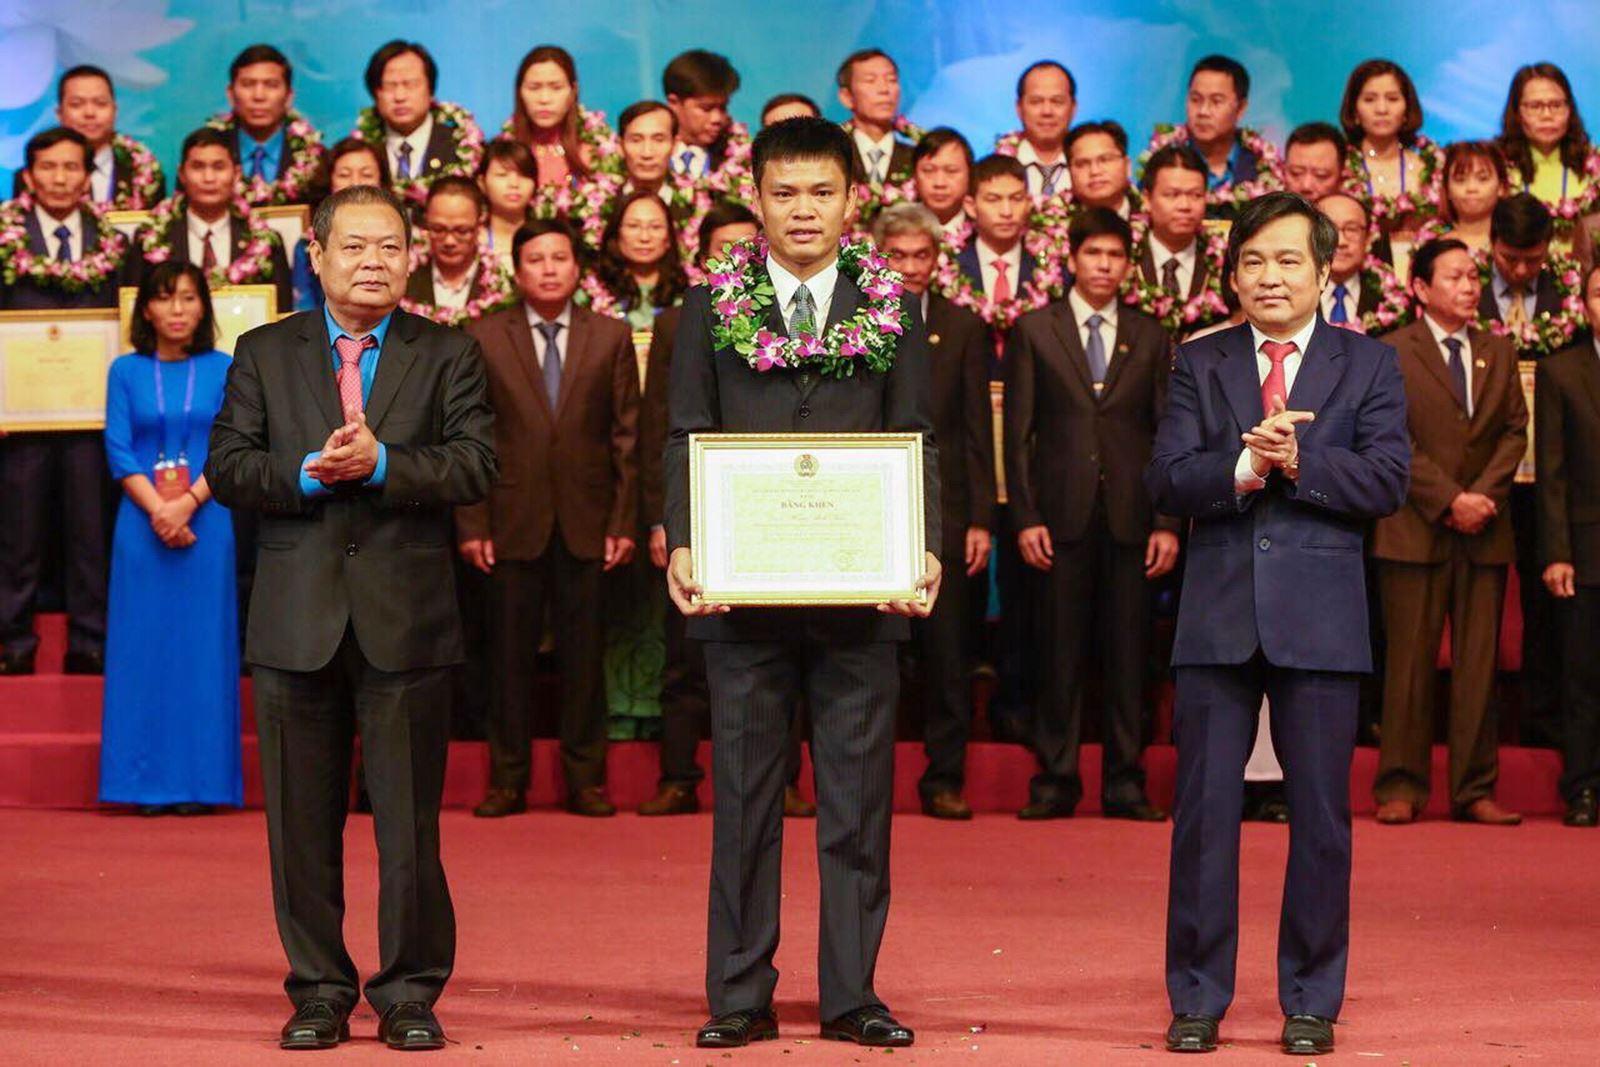 Hoàng Minh Tuân – Chủ tịch Công đoàn cơ sở xuất sắc